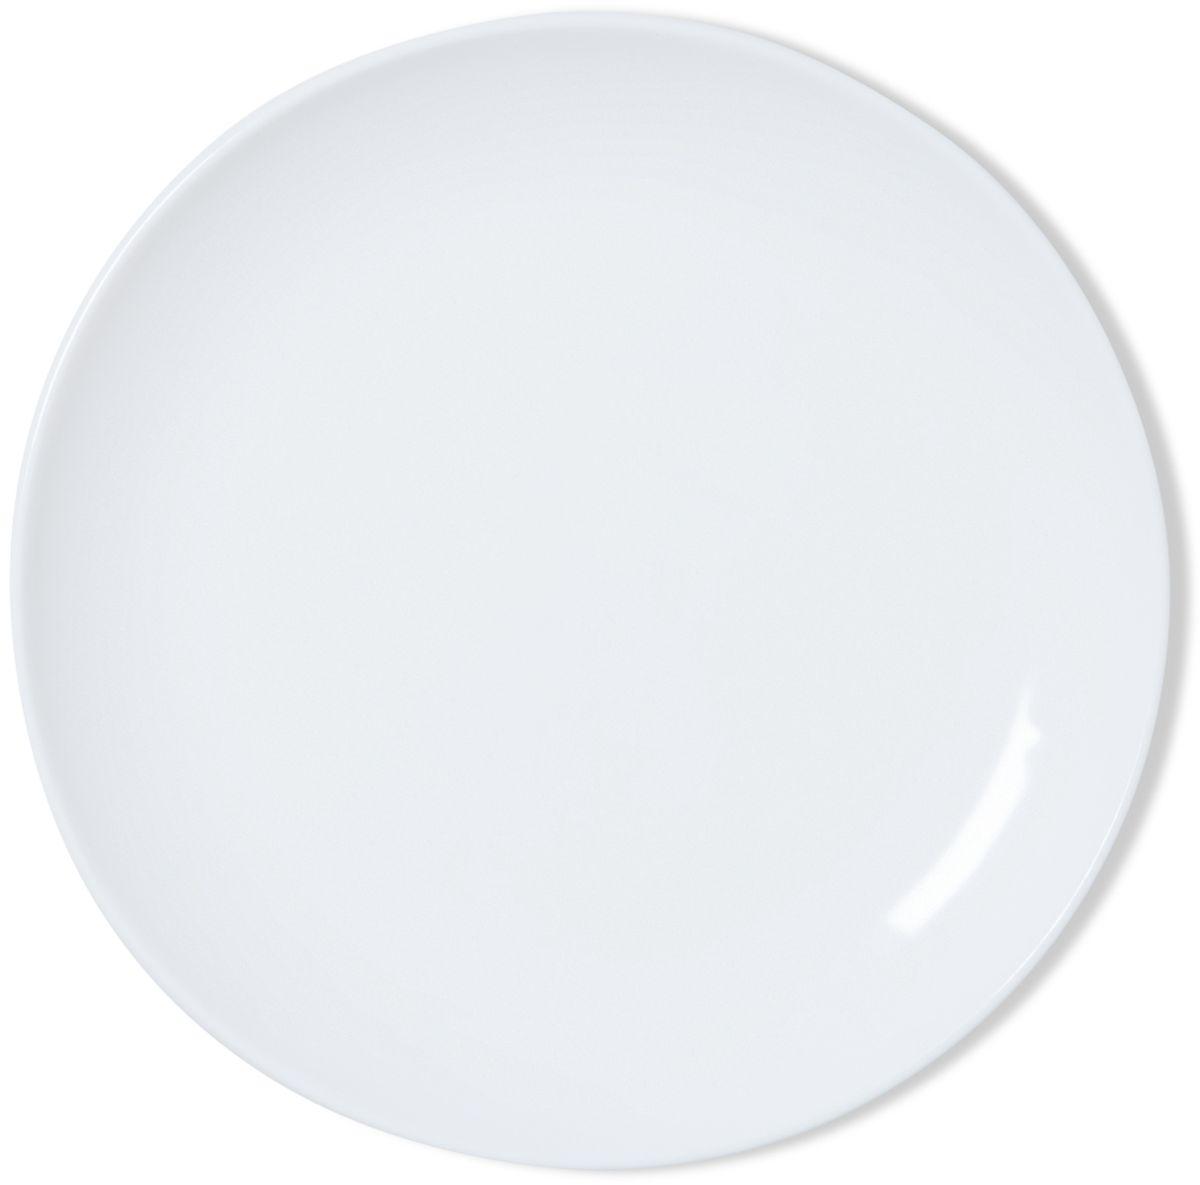 Тарелка мелкая Dosh l Home ADARA, 25 см400204Элегантные тарелки для стильной сервировки блюд и закусок. Изготовлены из высококачественного силикона белоснежного цвета. Силикон не впитывает запах и вкус продуктов, устойчив к царапинам. Подходит для микроволновой печи, холодильника. Можно мыть в посудомоечной машине. Мыть обычными моющими средствами, не использовать агрессивные вещества, металлические мочалки, острые предметы и т.д..